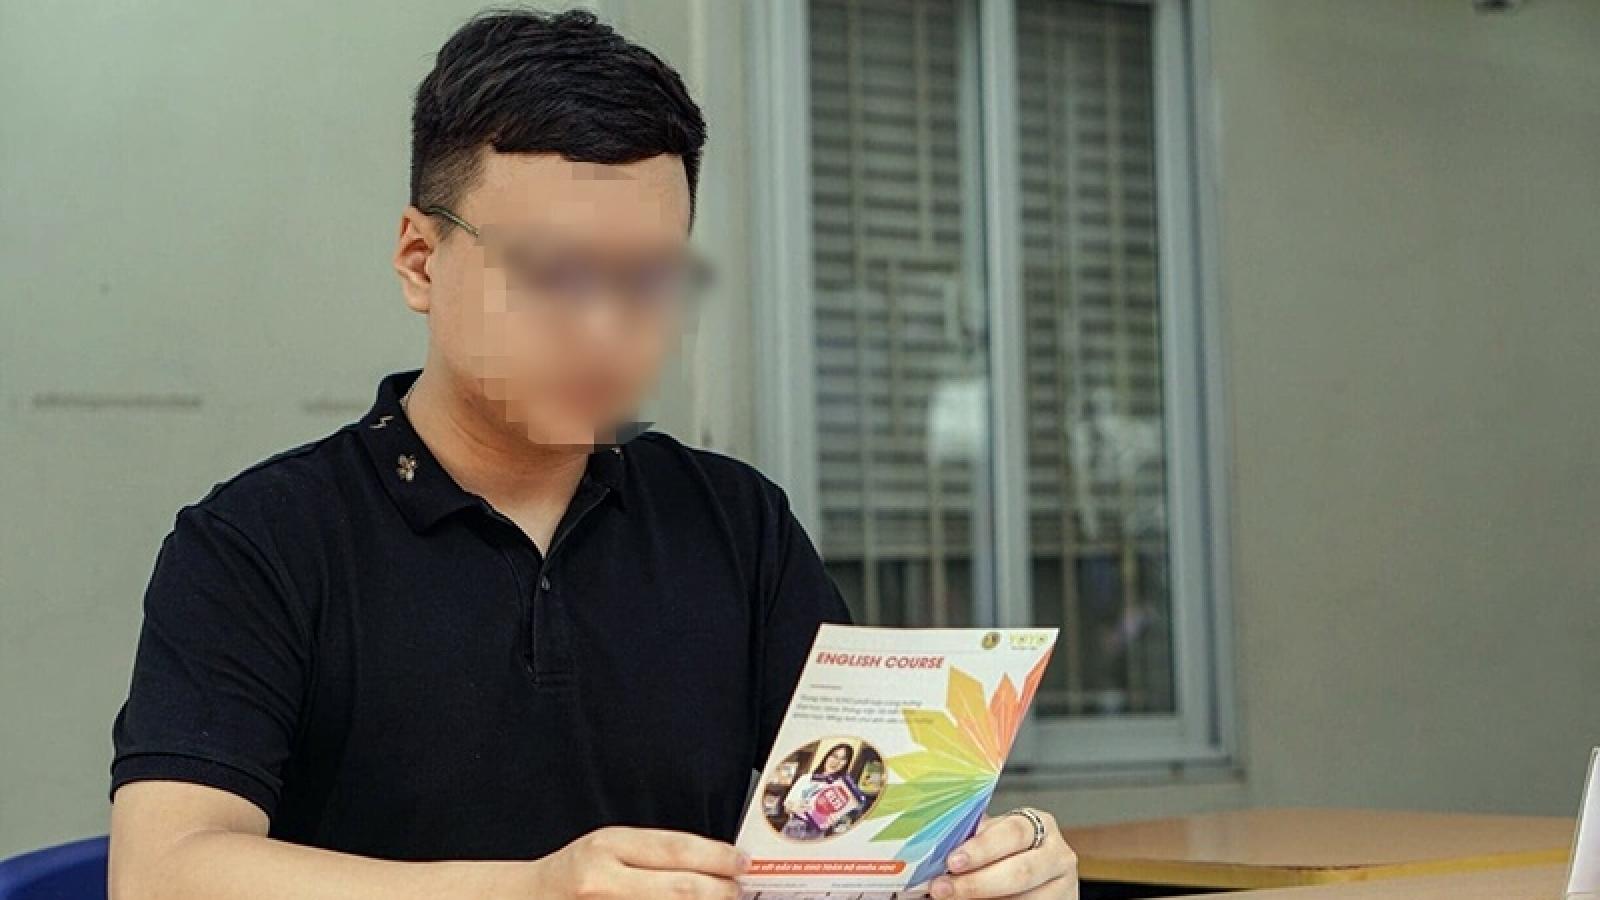 Một nam sinh Đại học GTVT trúng đạn tử vong ở Hà Nội